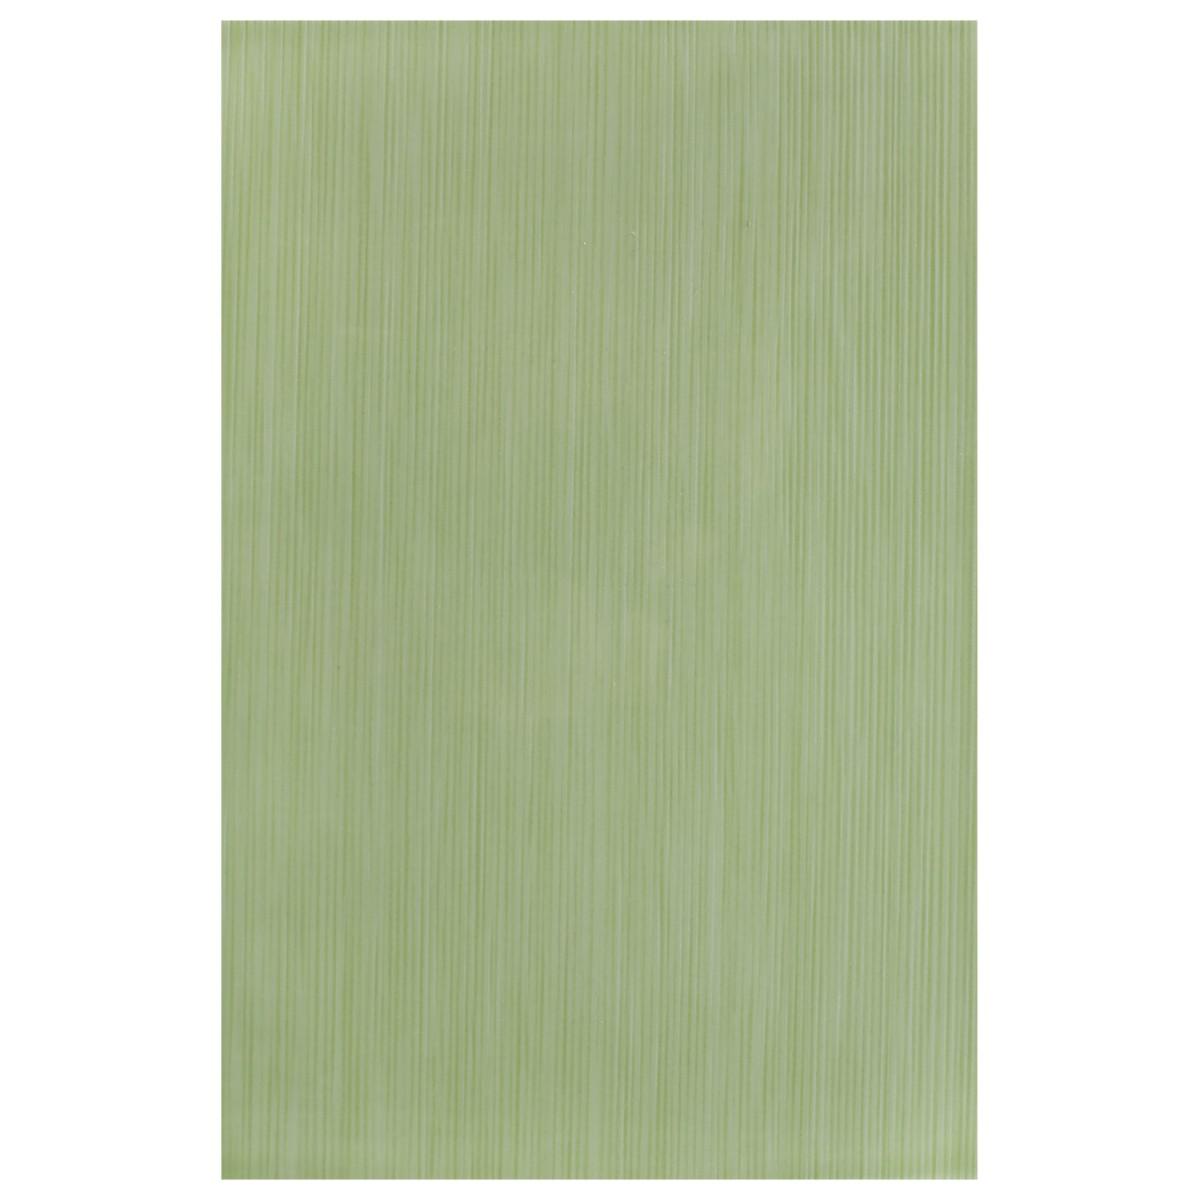 Плитка настенная Gerbera 20х30 см 1.2 м2 цвет фисташковый